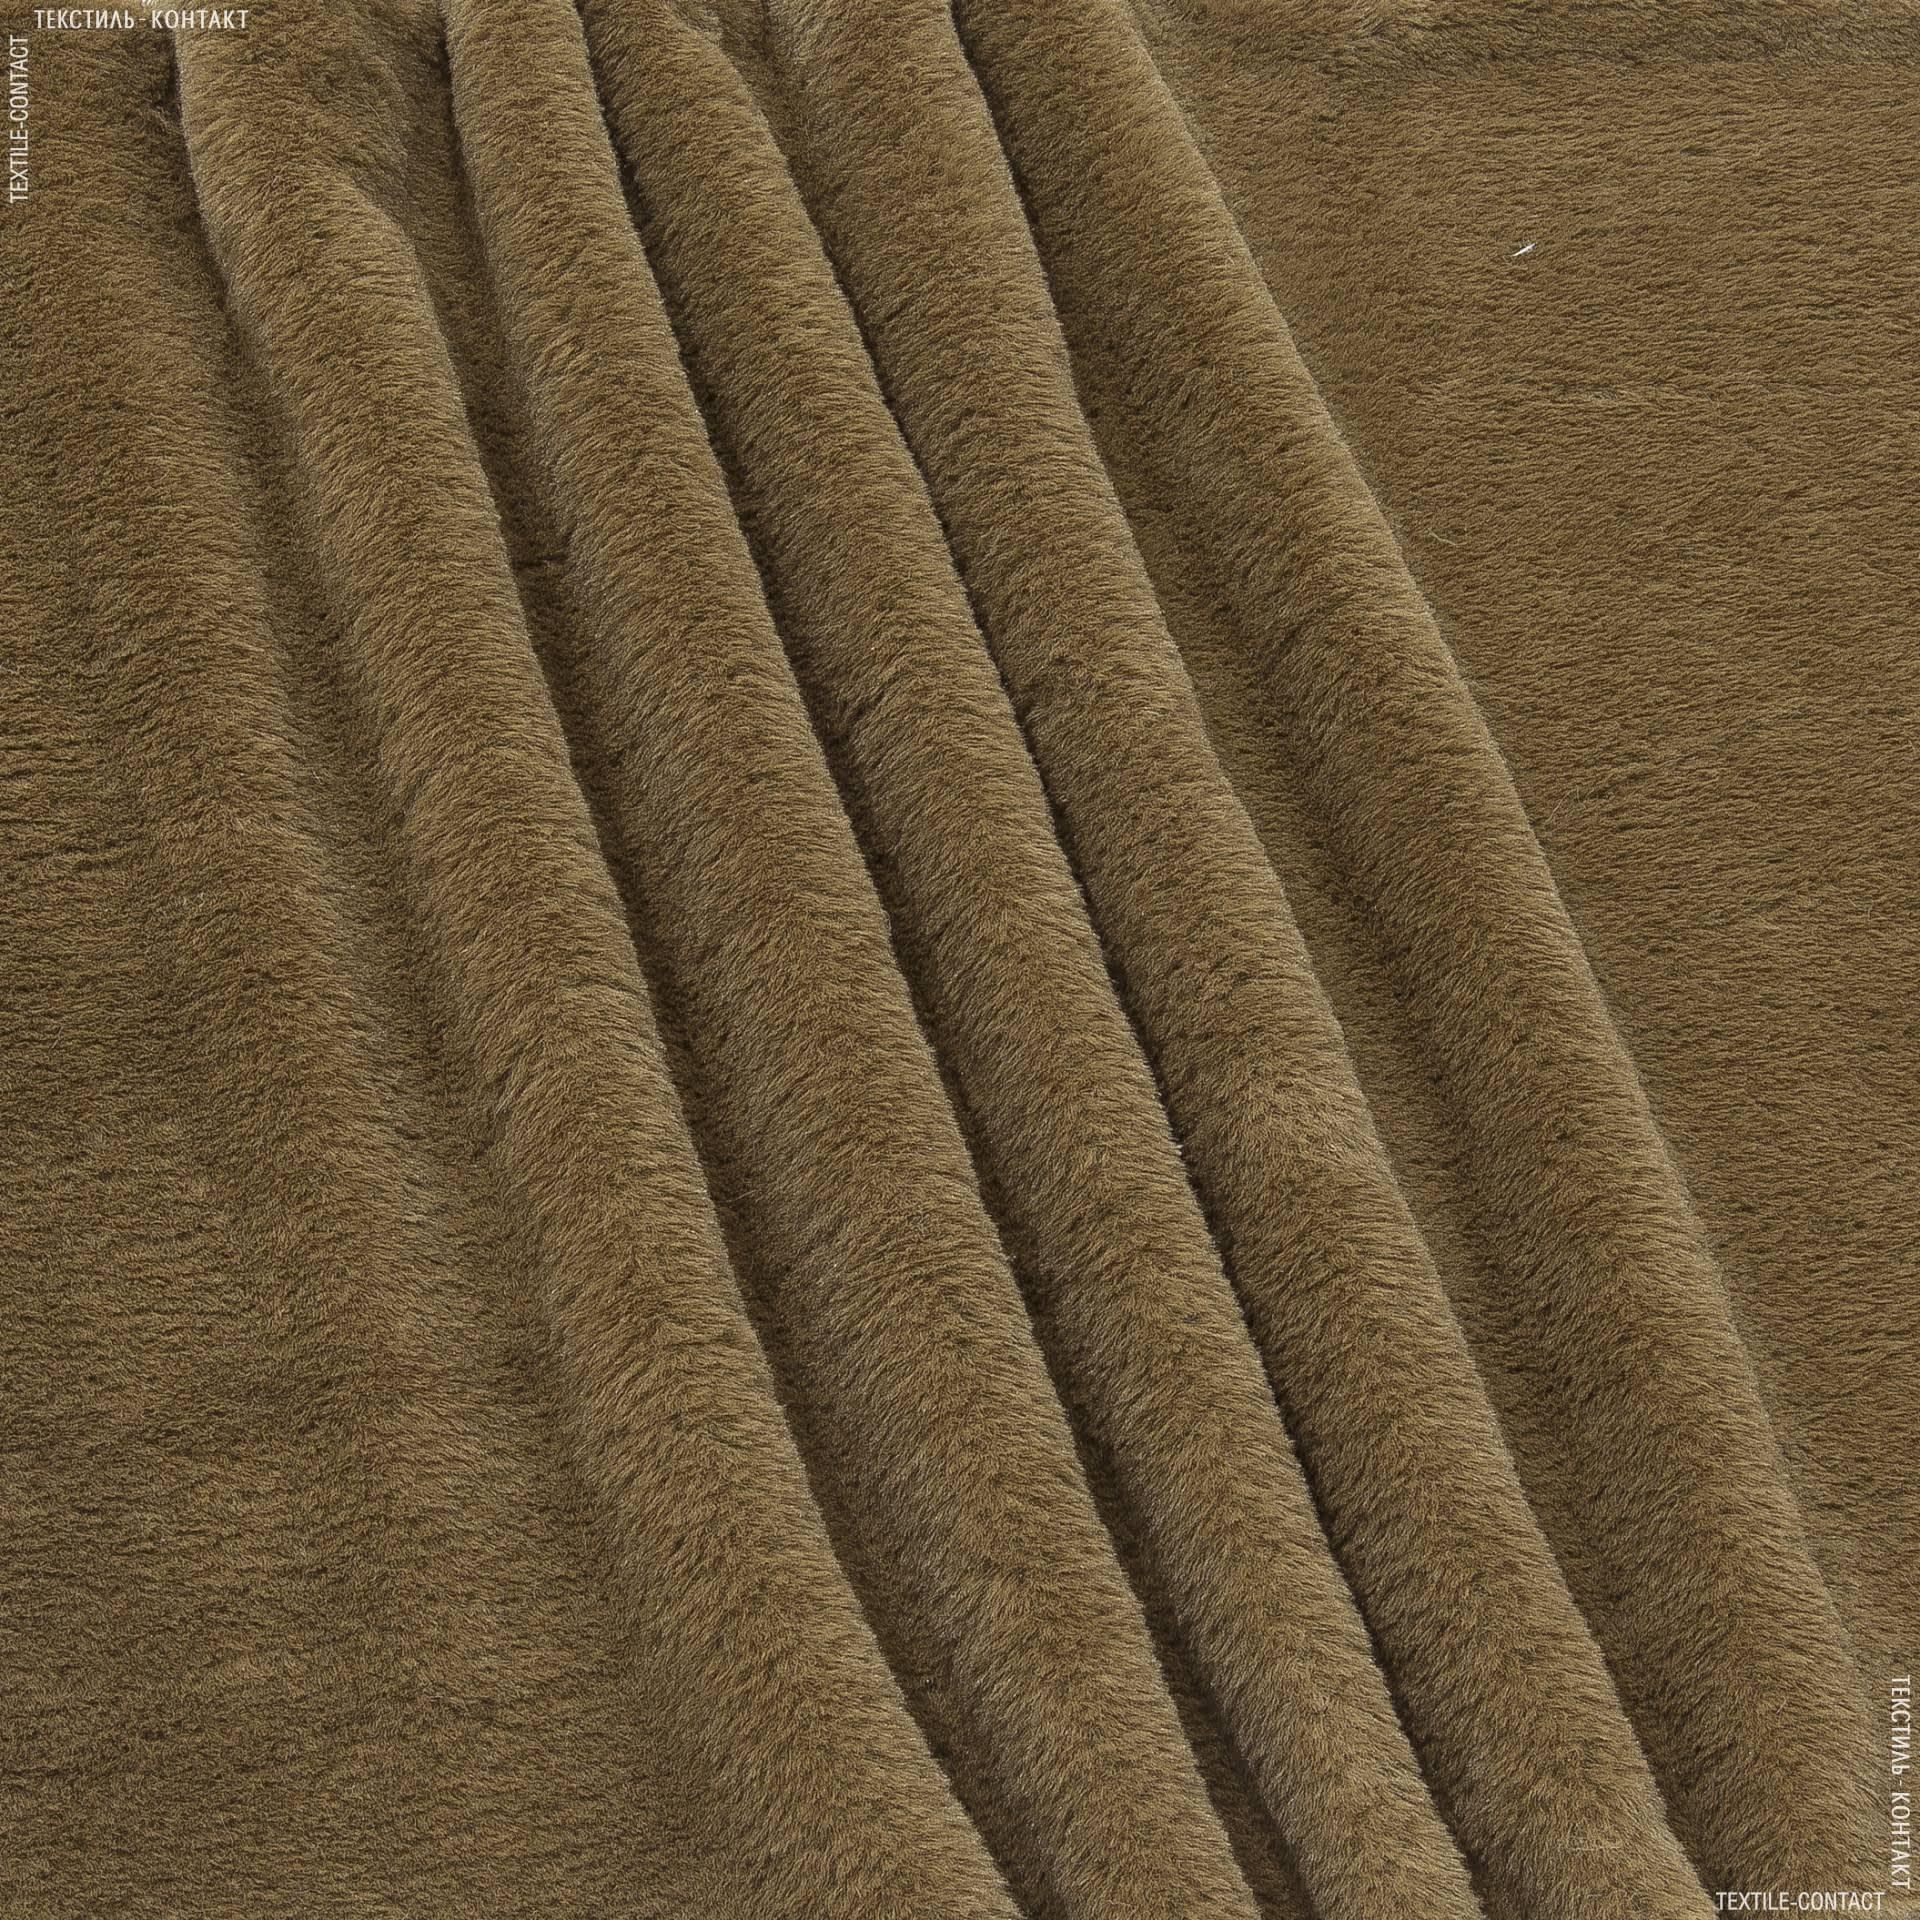 Ткани для верхней одежды - Мех лайт софт светло-коричневый